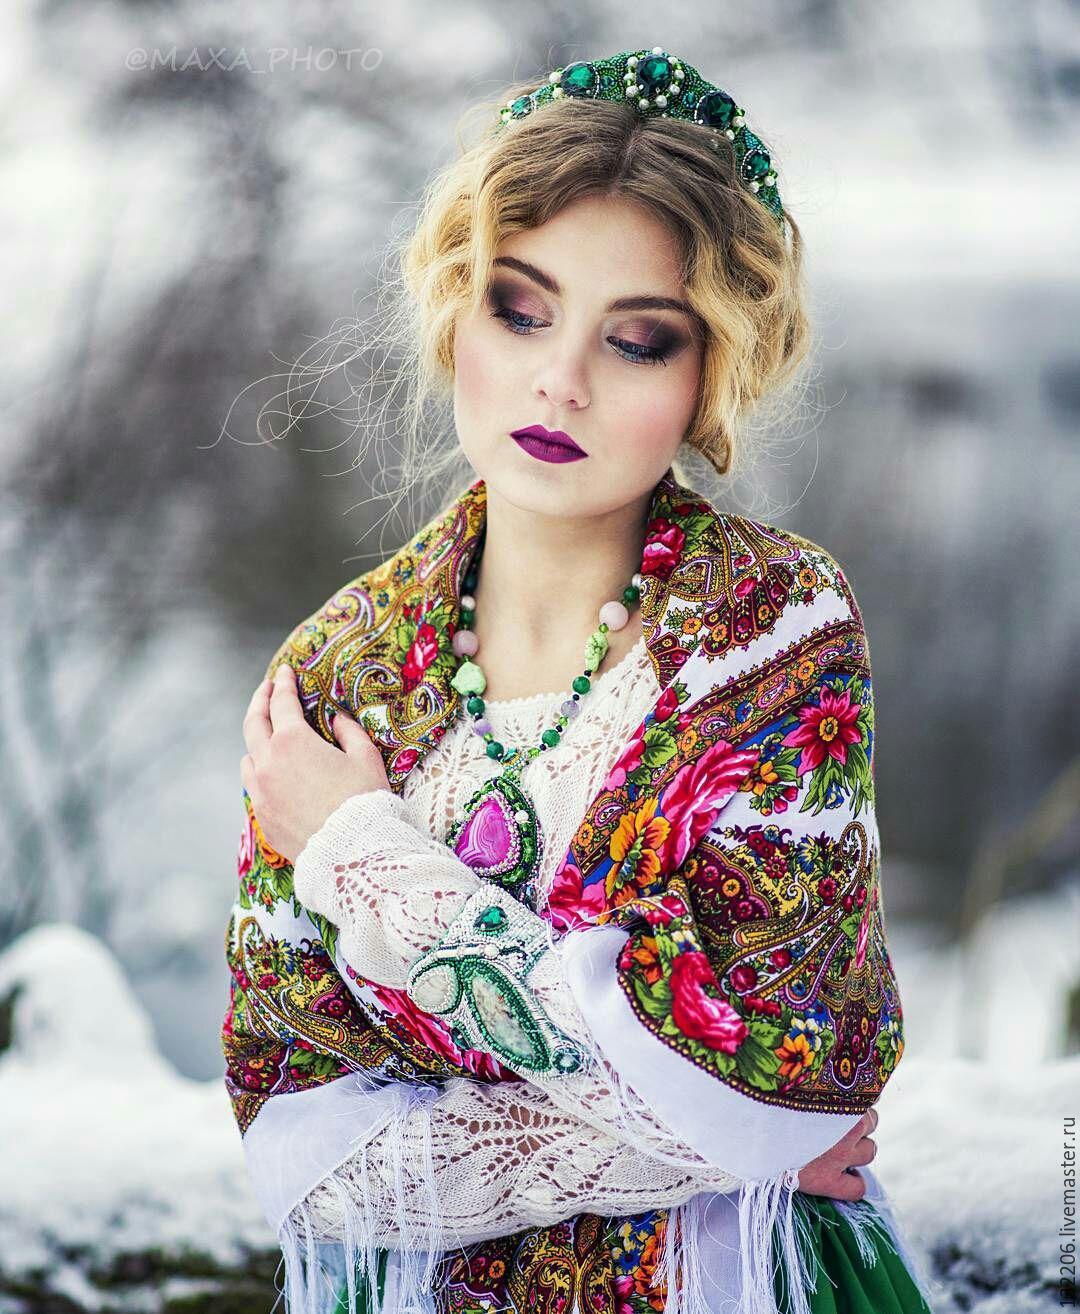 Украинский народный образ для зимней фотосессии